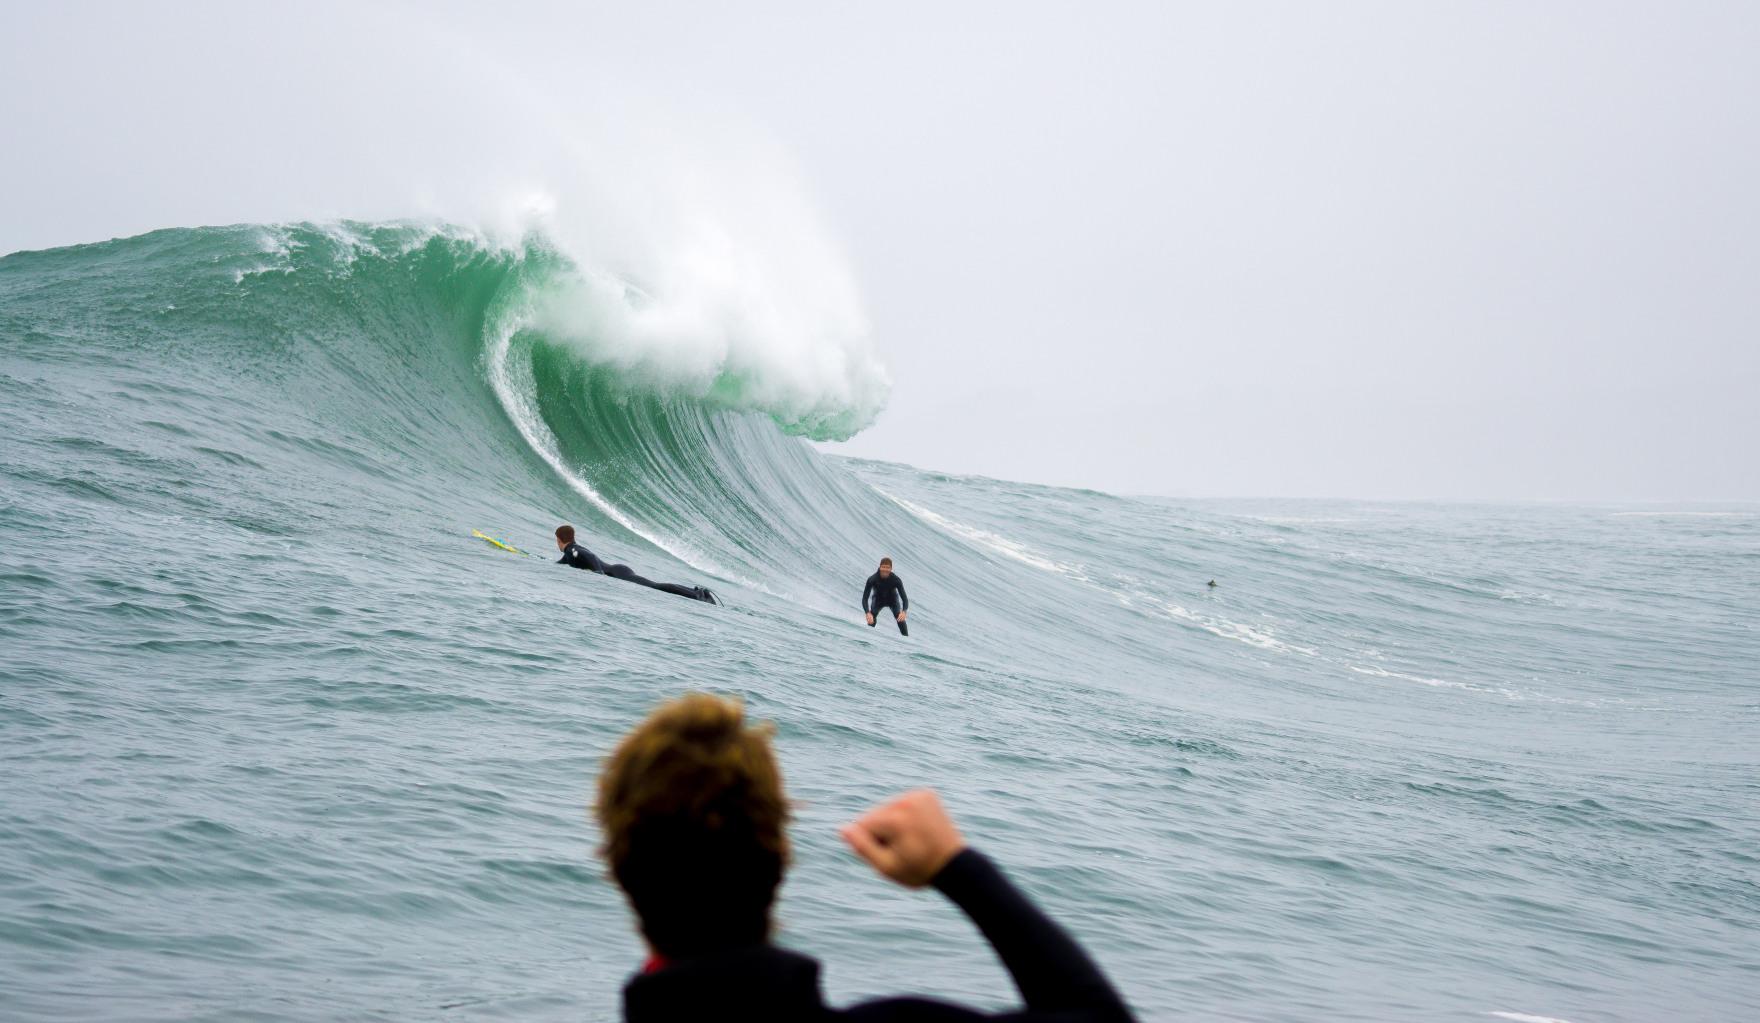 surf content creator